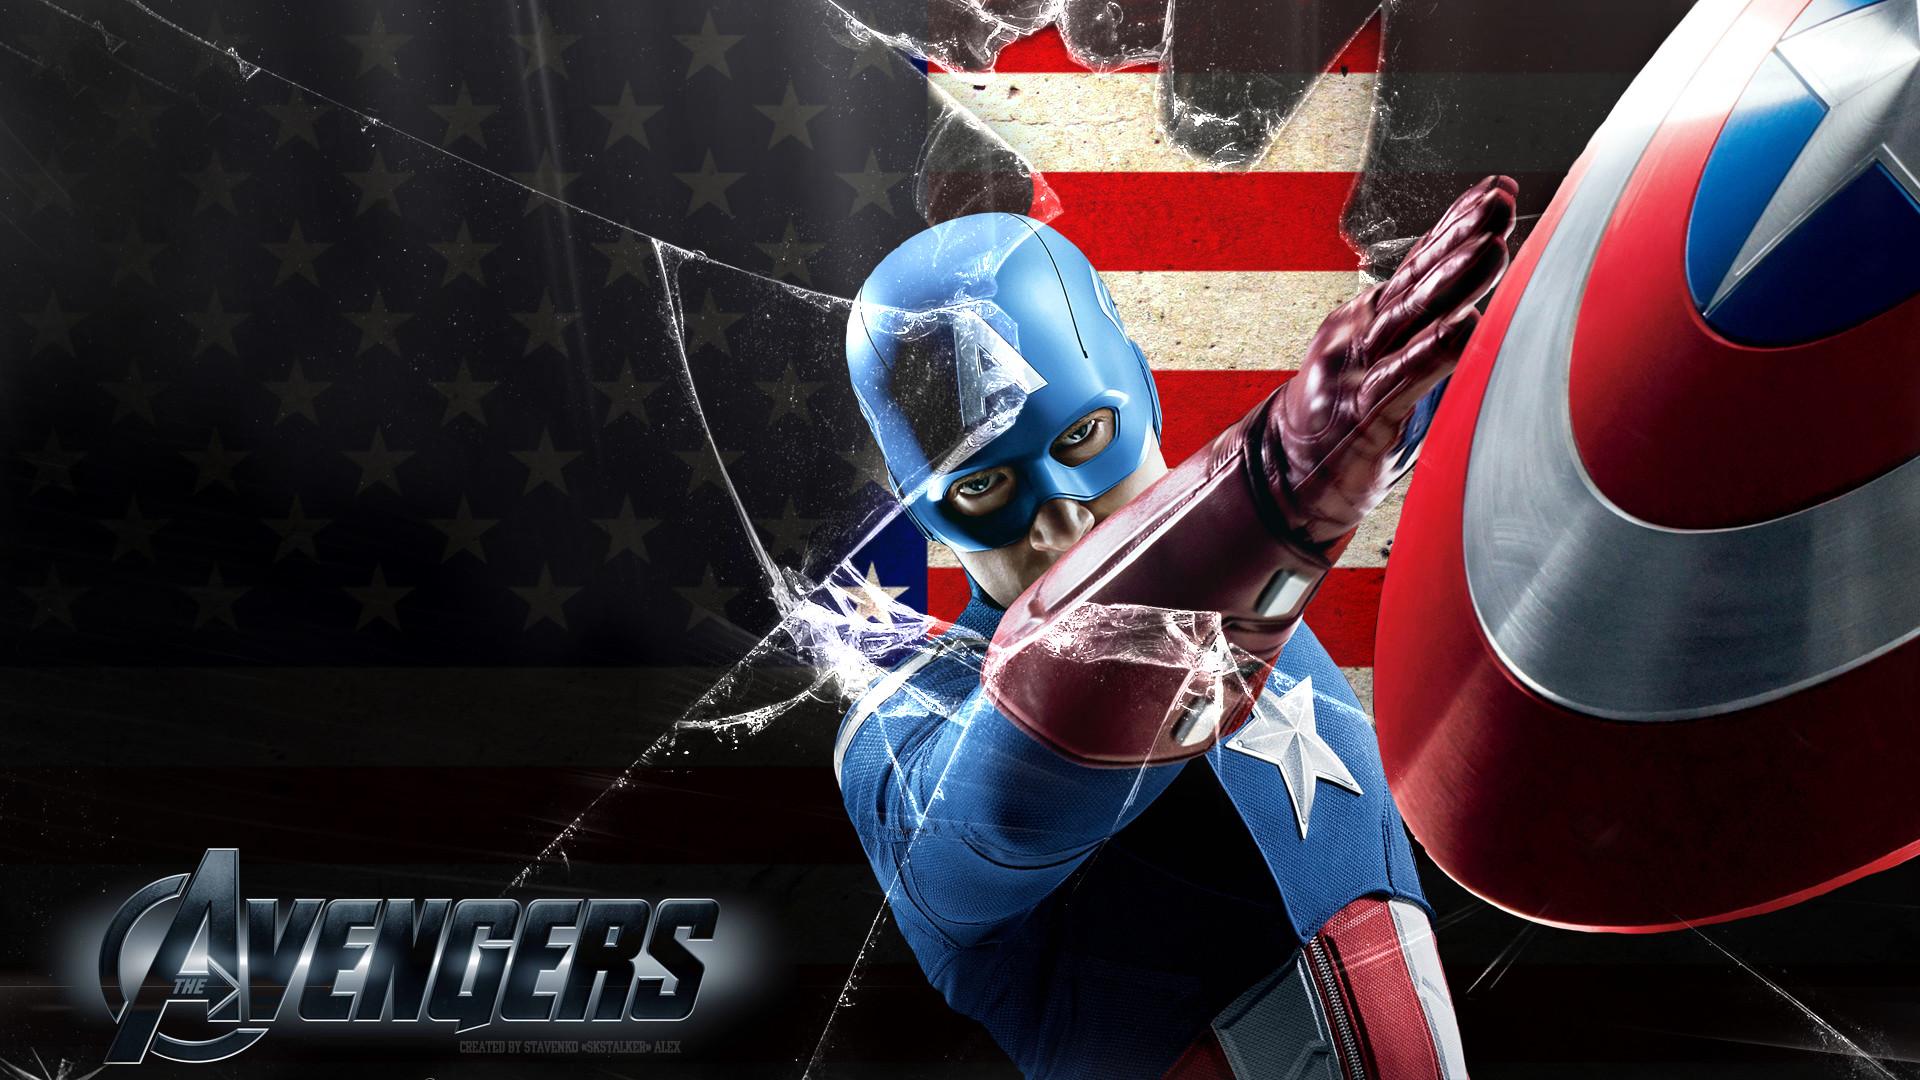 captain america wallpaper 1080p by skstalker fan art wallpaper .